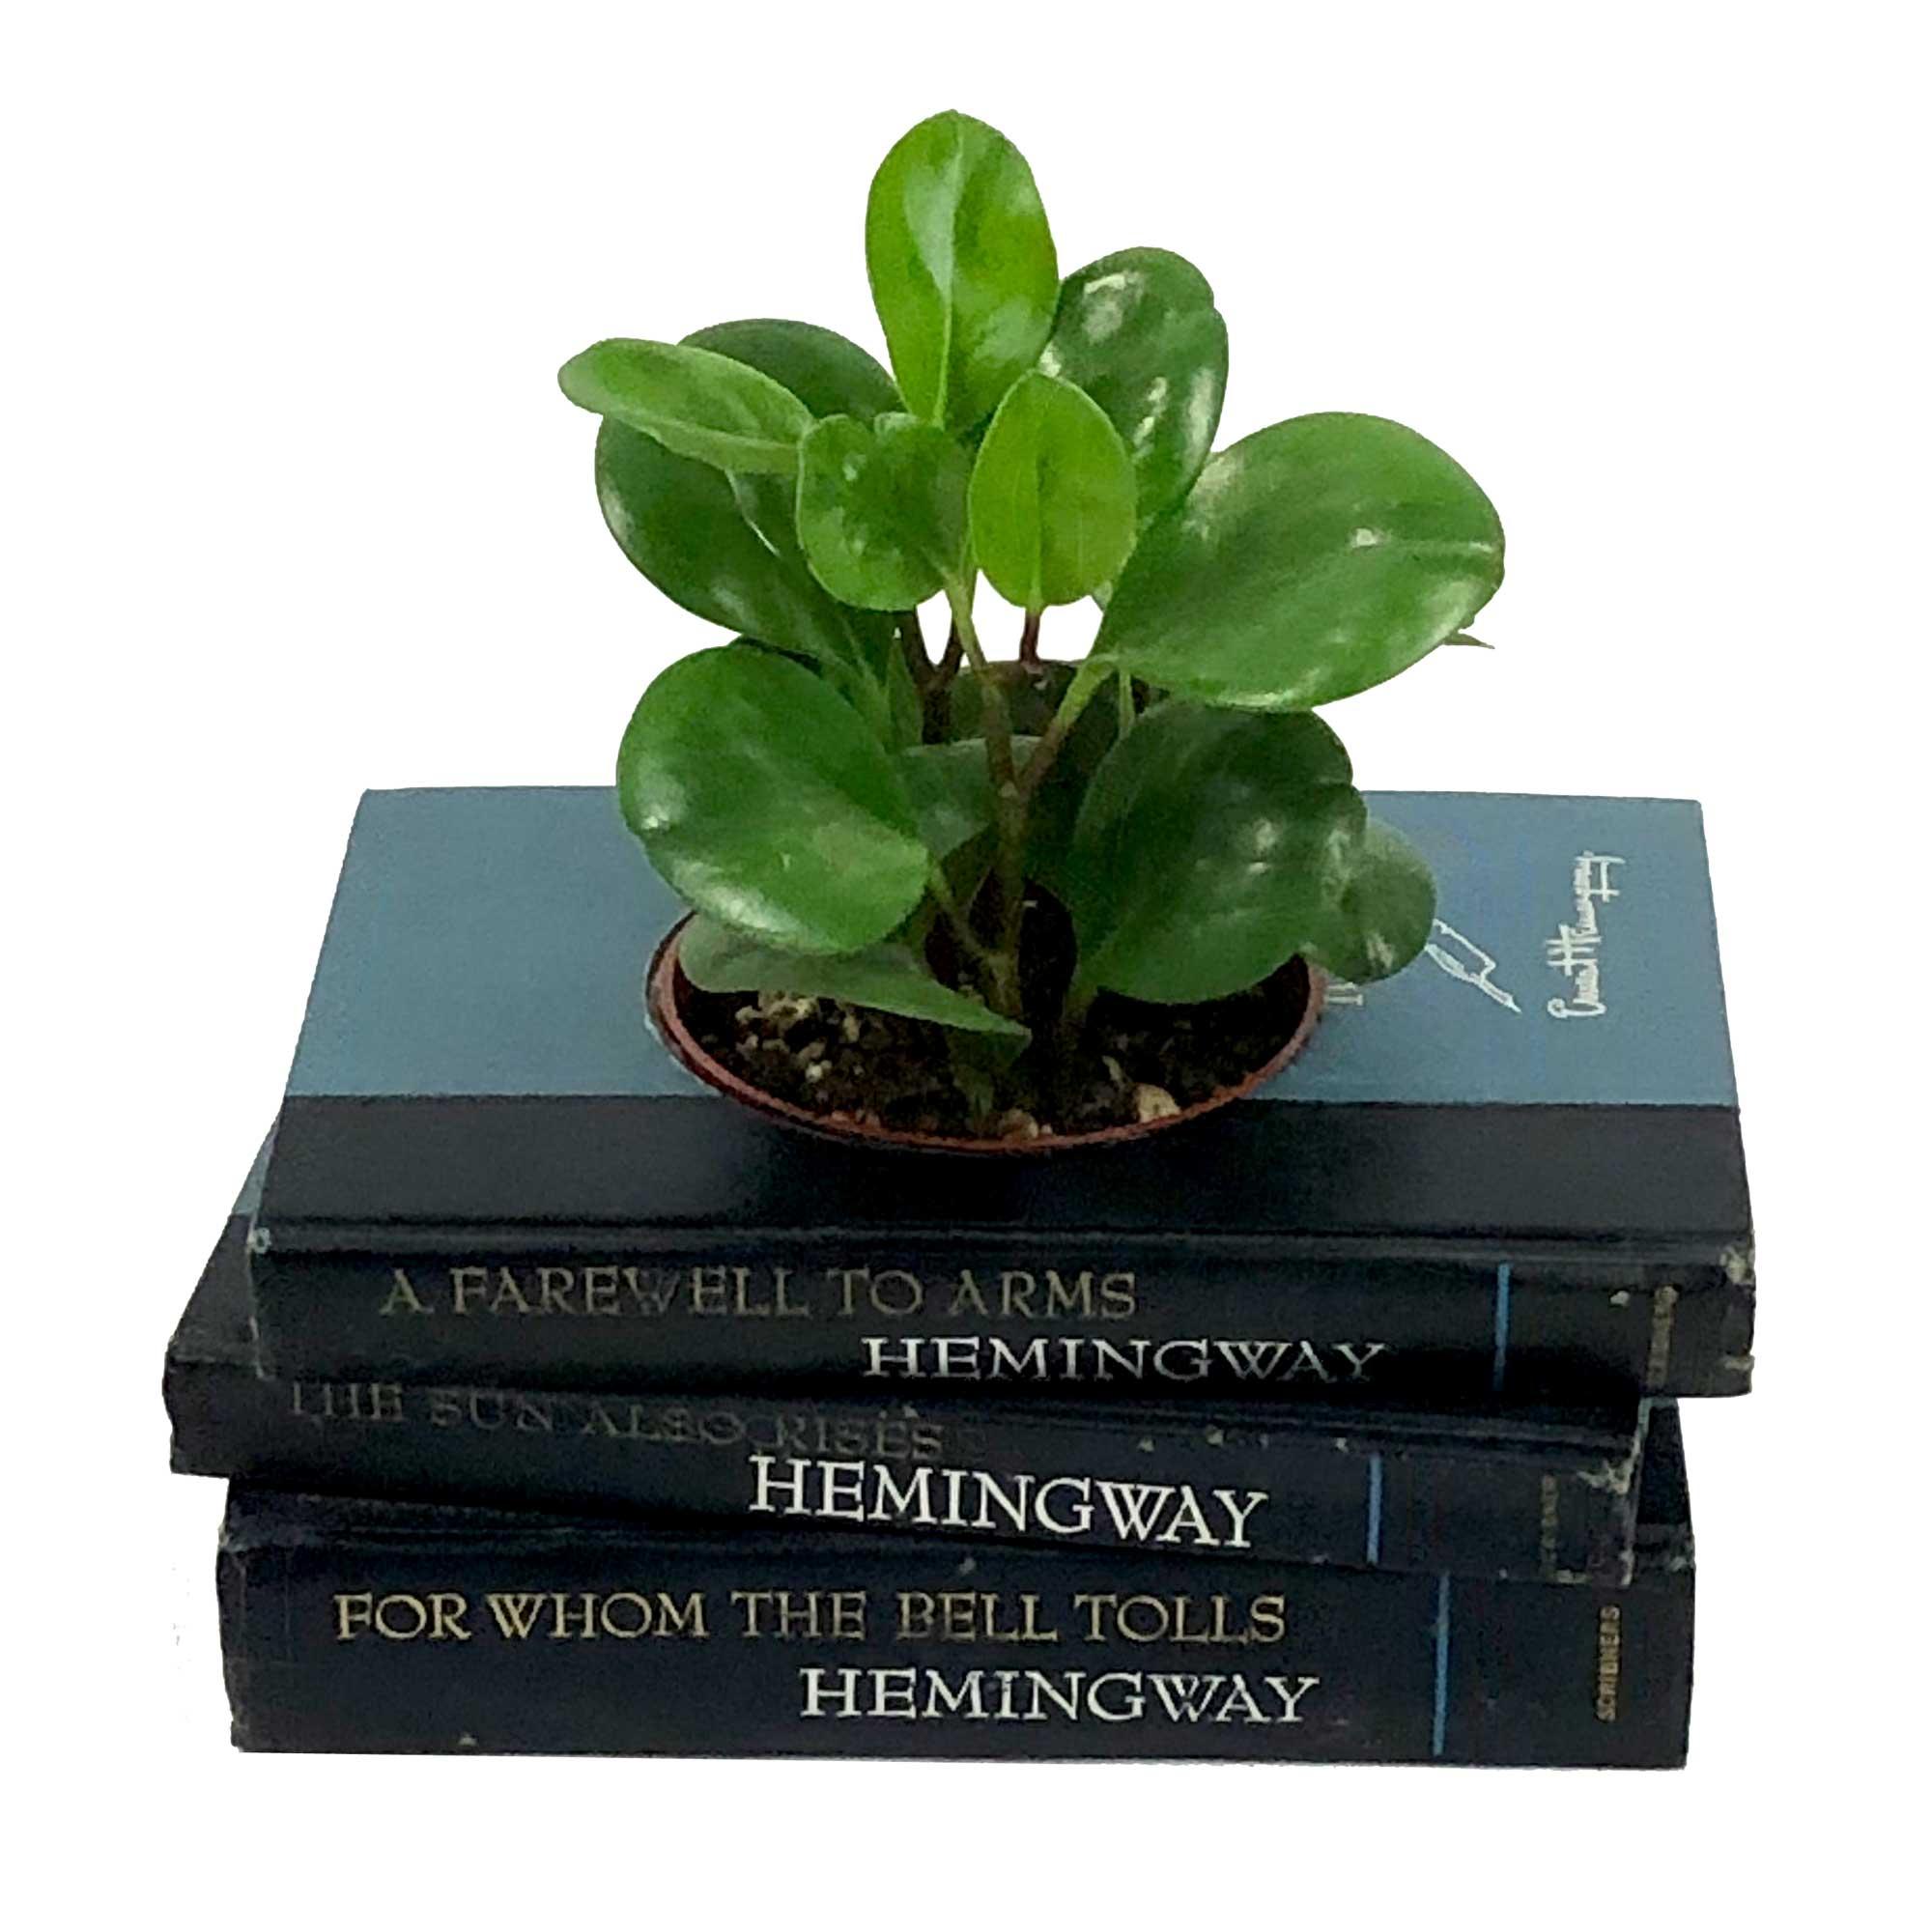 Hemingway1c